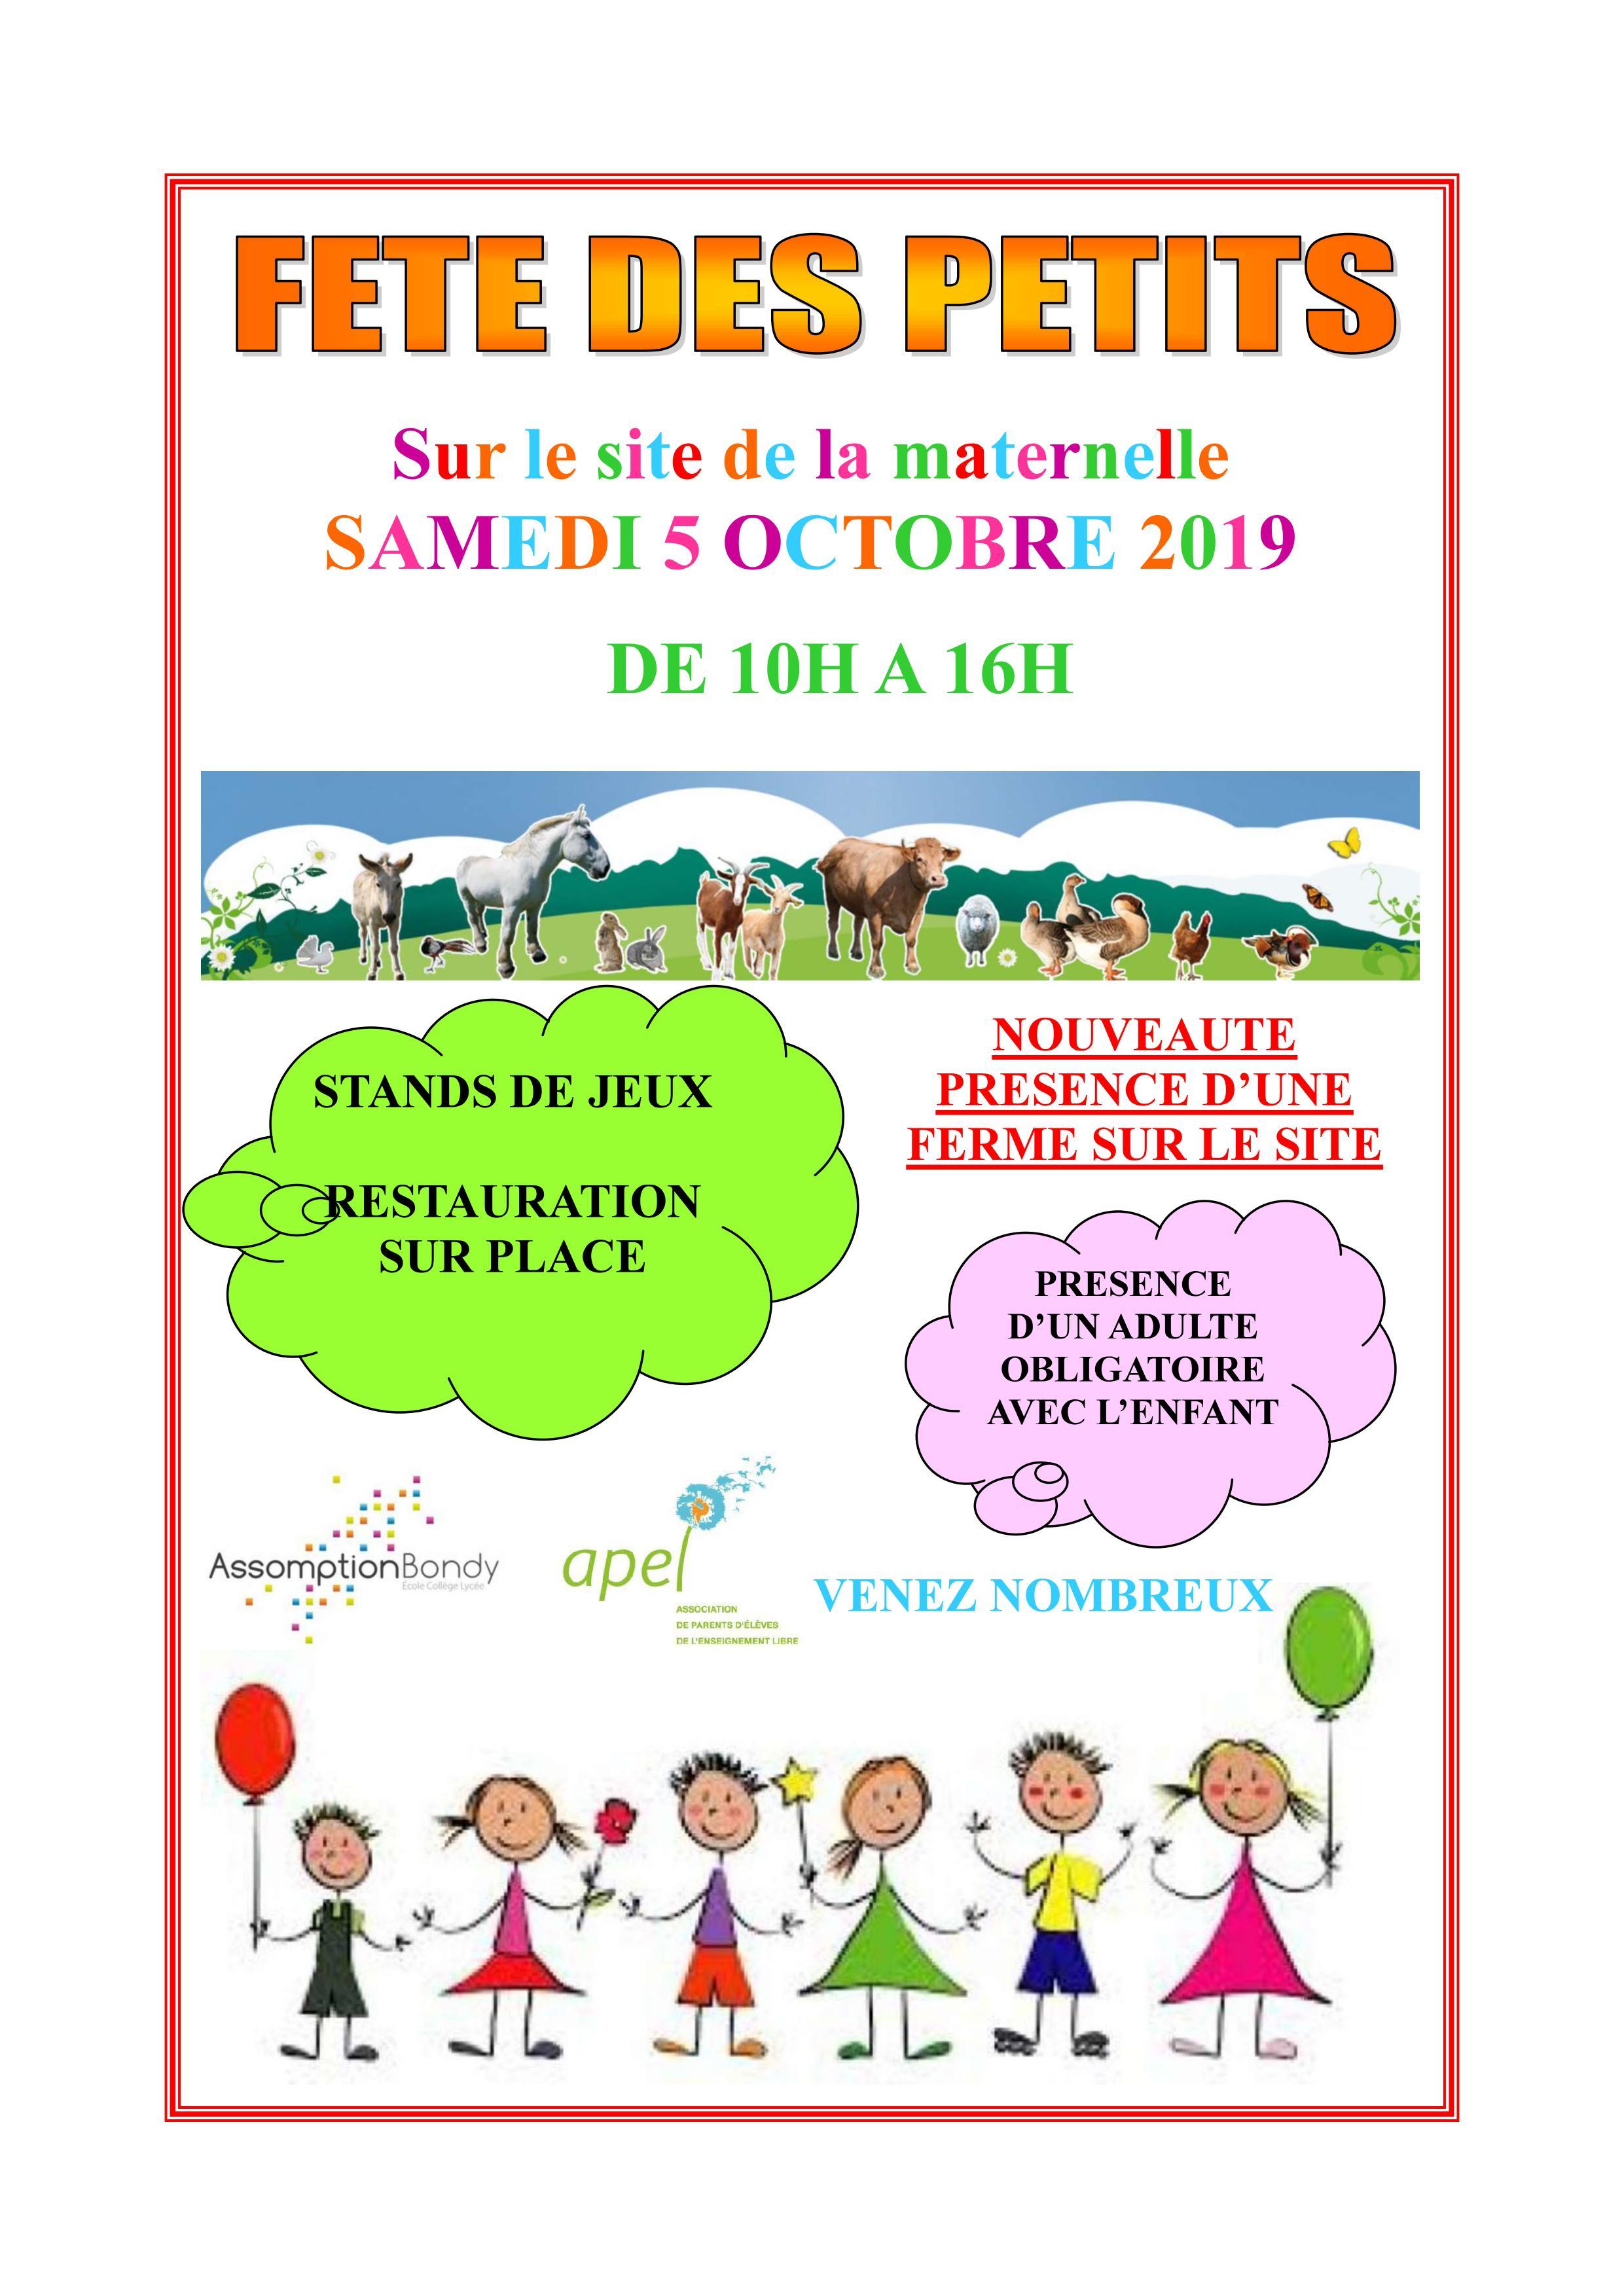 Notre premier événement : La fête des petits !